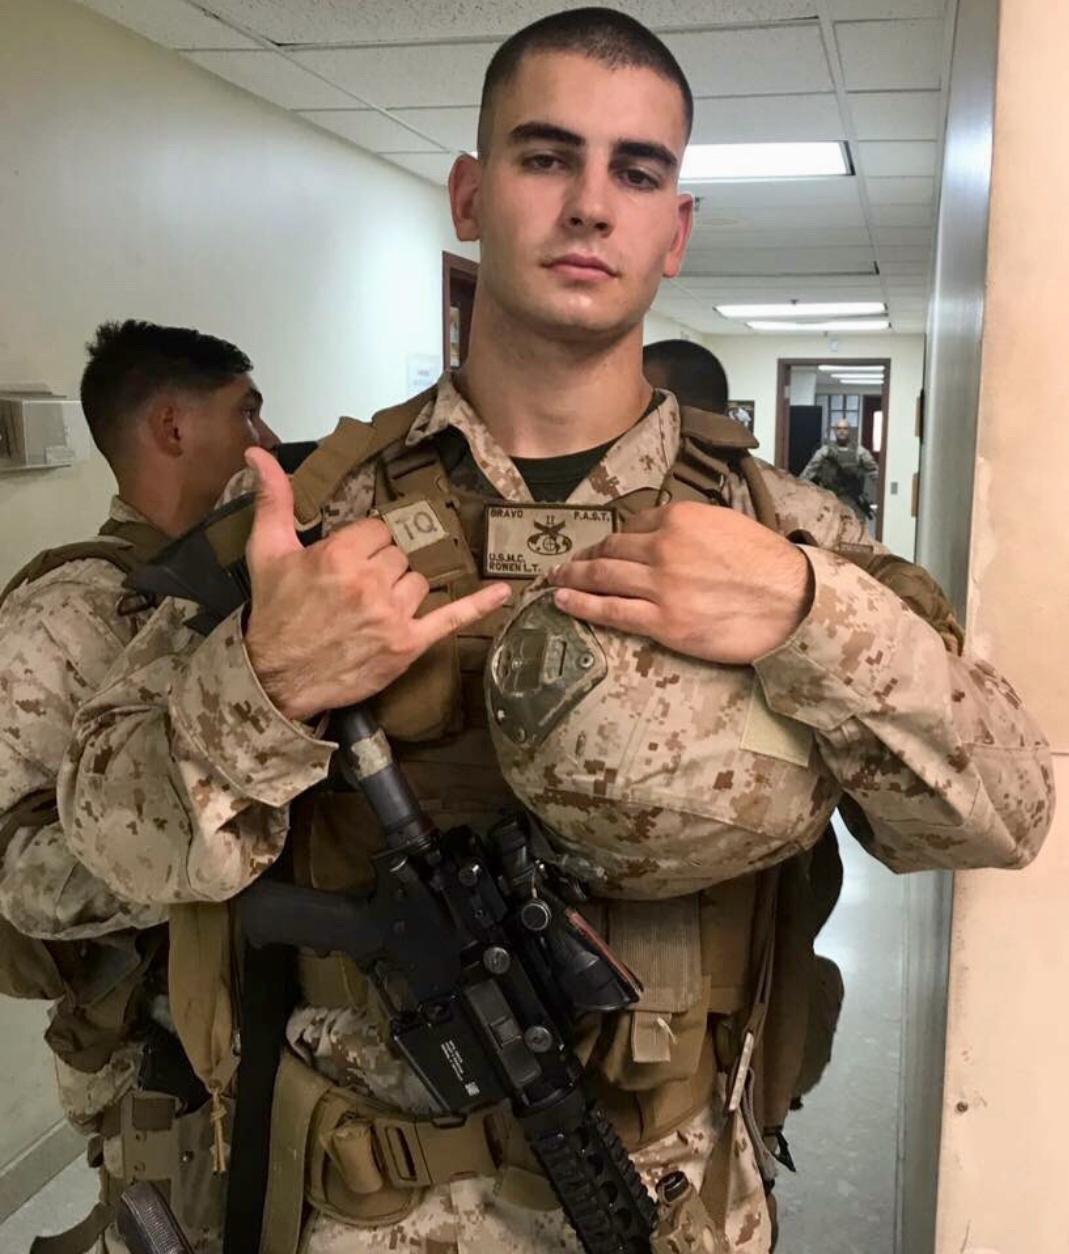 Hot us military men